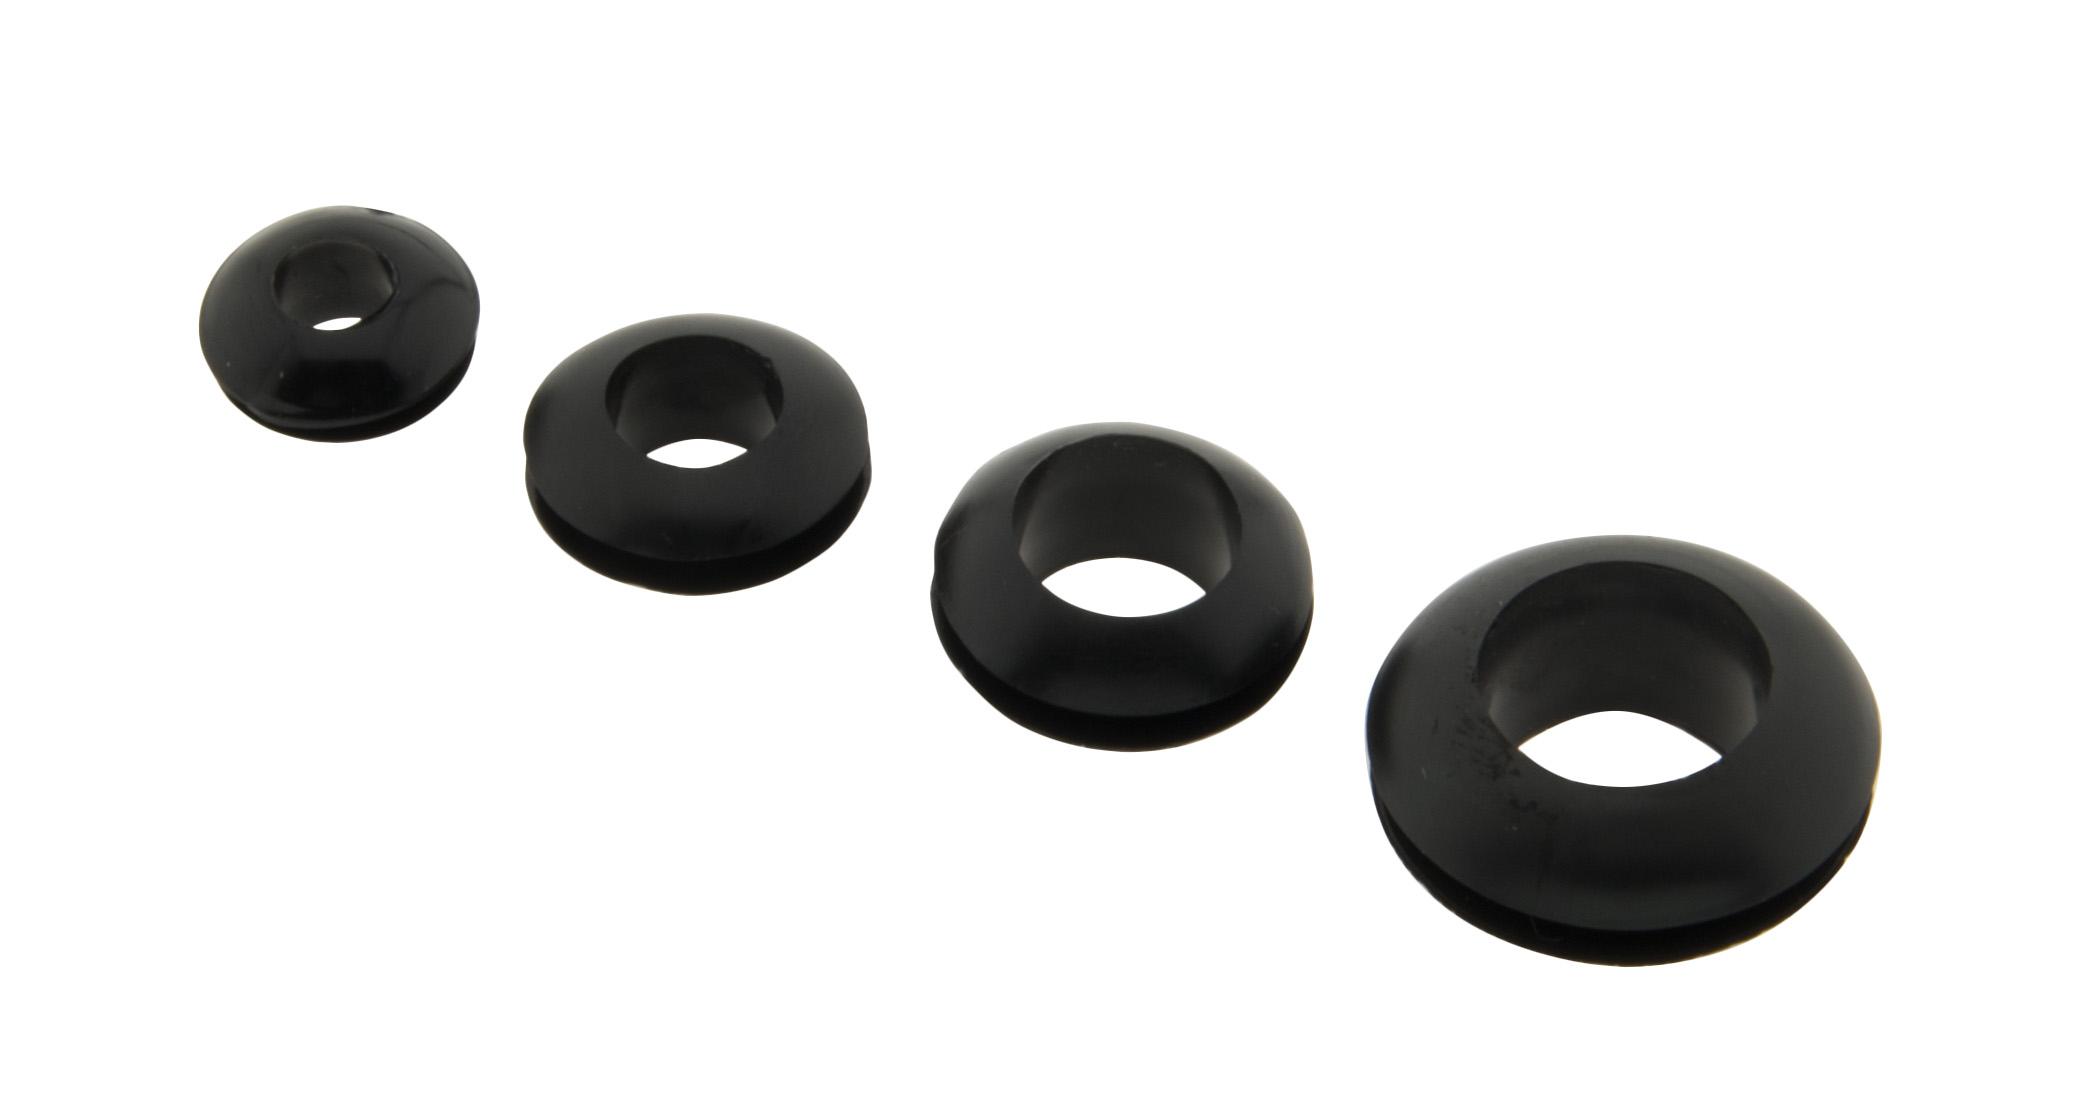 1 Stk Gummi Kabeldurchführung schwarz Montageloch 12mm Innen 10m LIZU021012